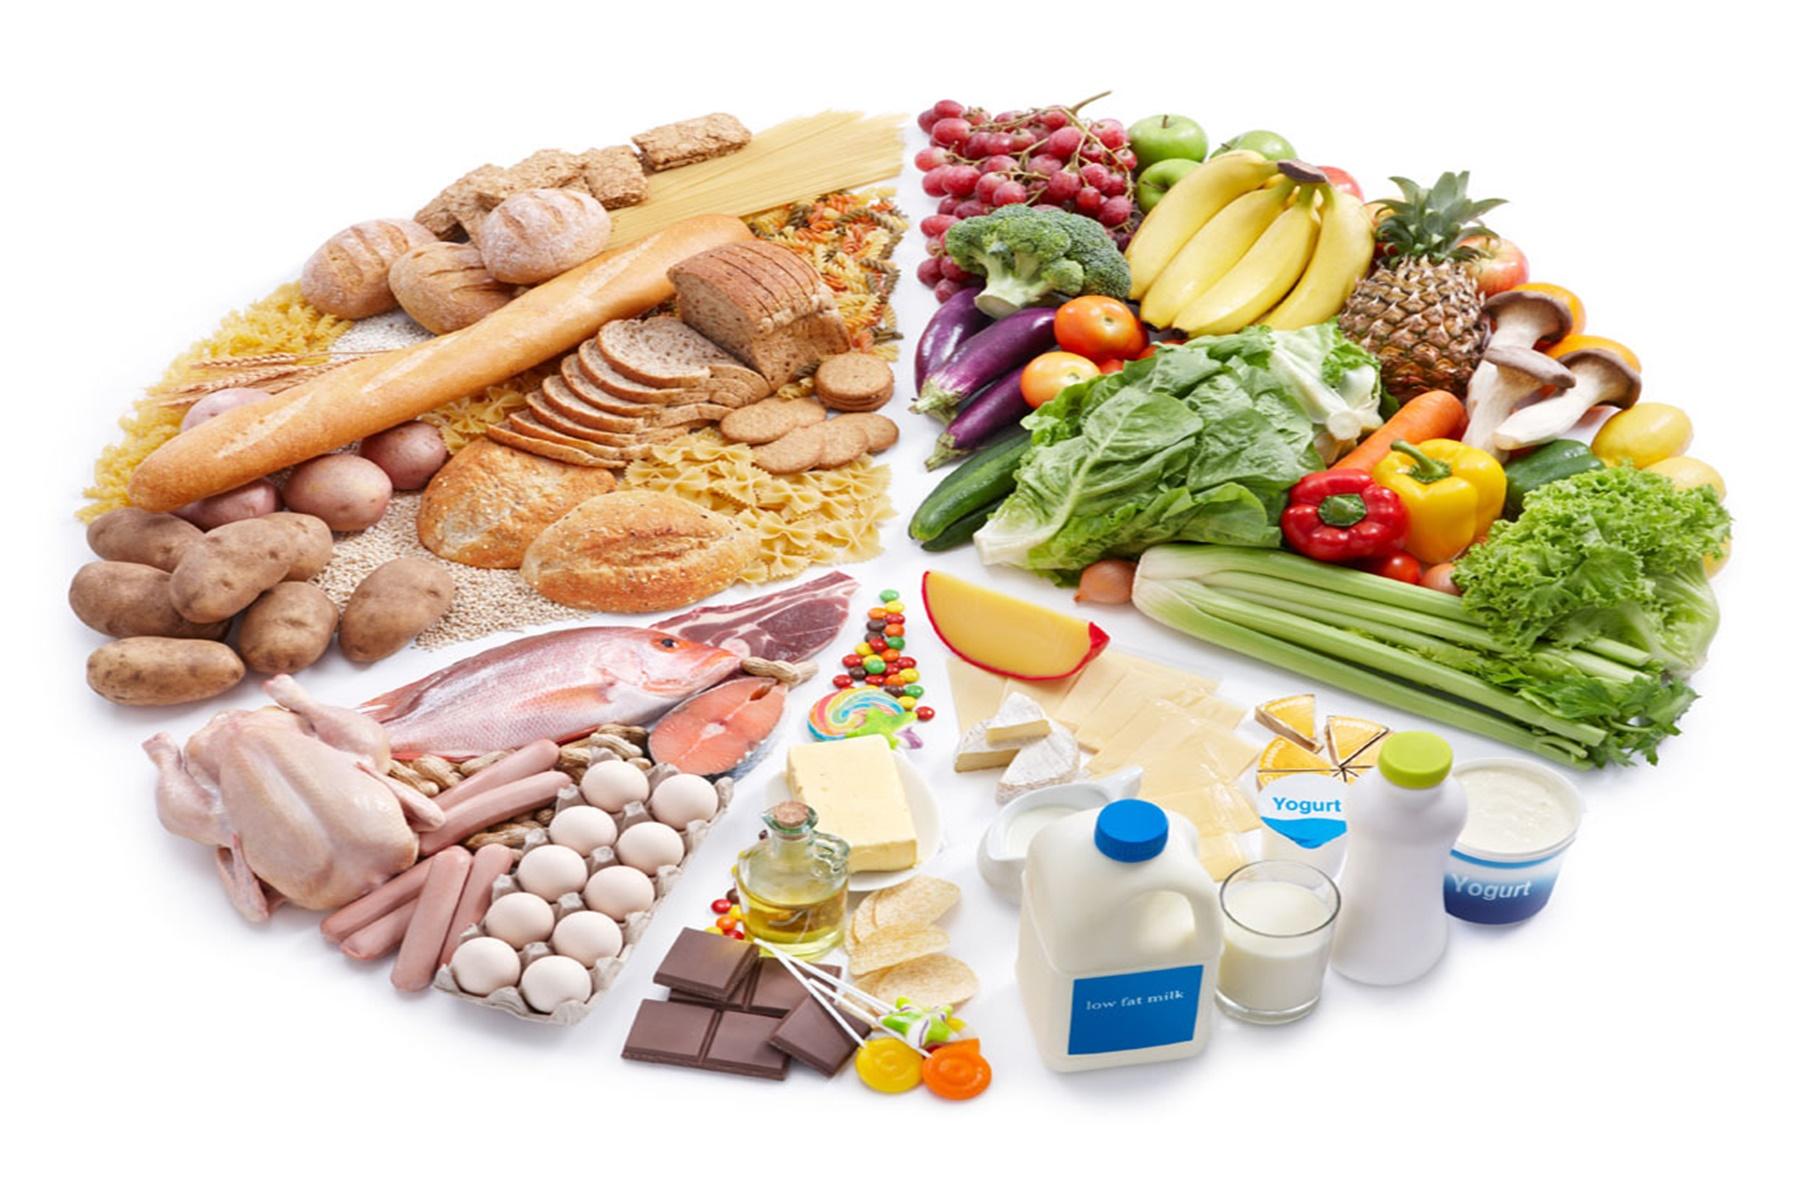 Διατροφή : Προτάσεις για να χάσετε βάρος